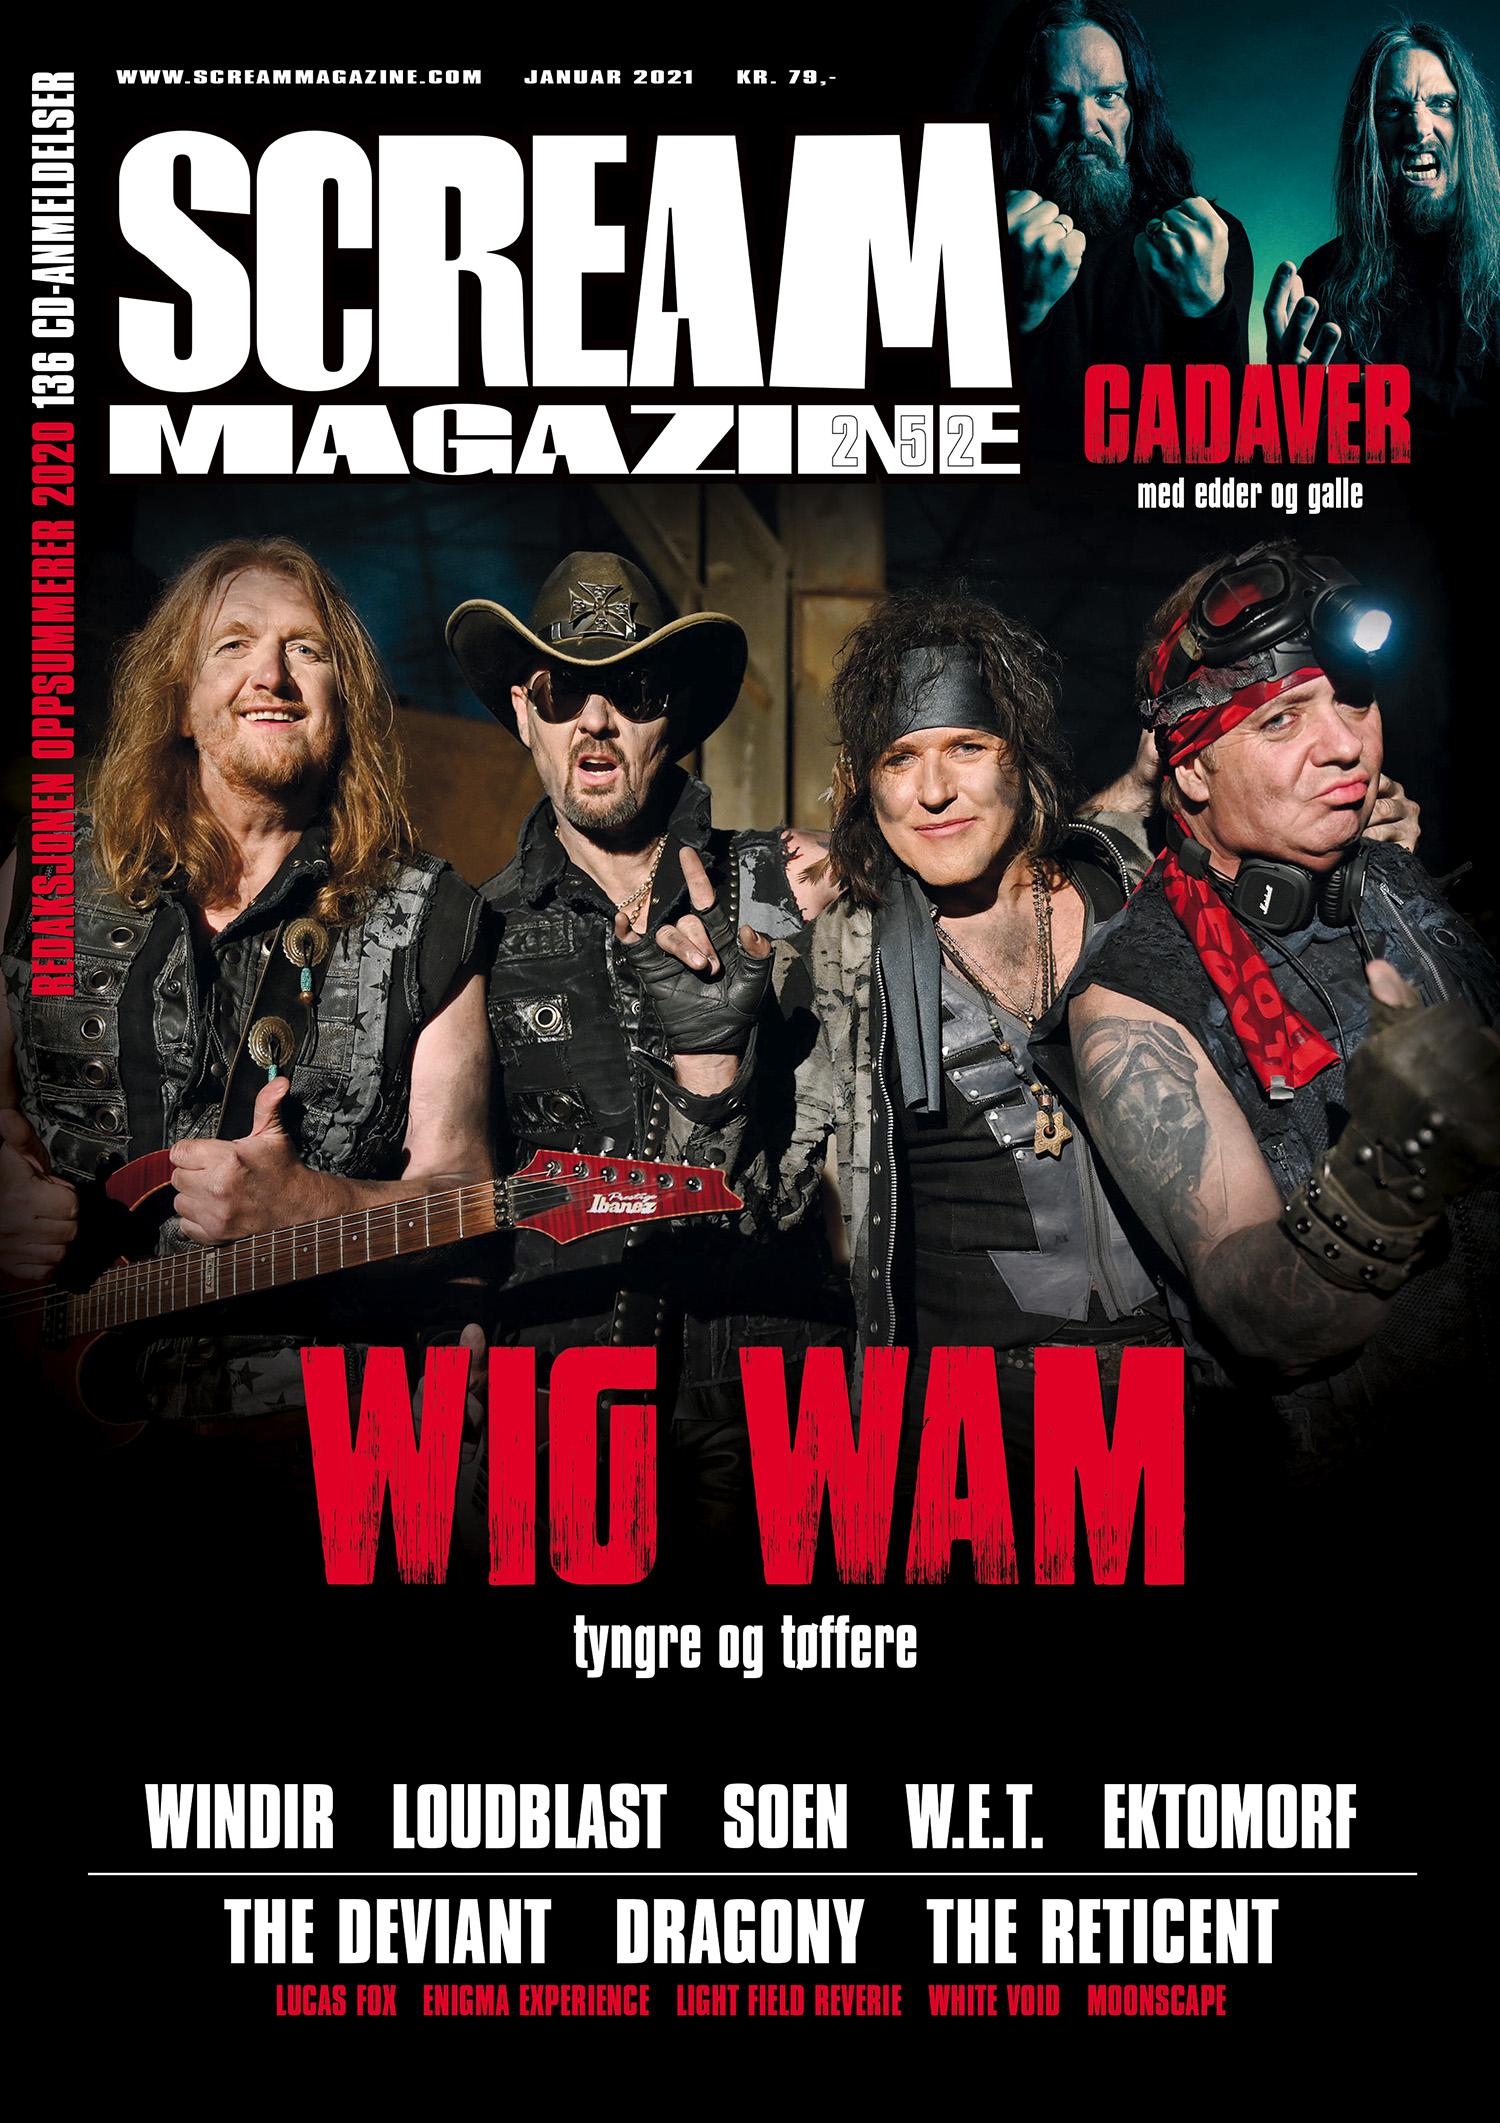 Scream Magazine #252